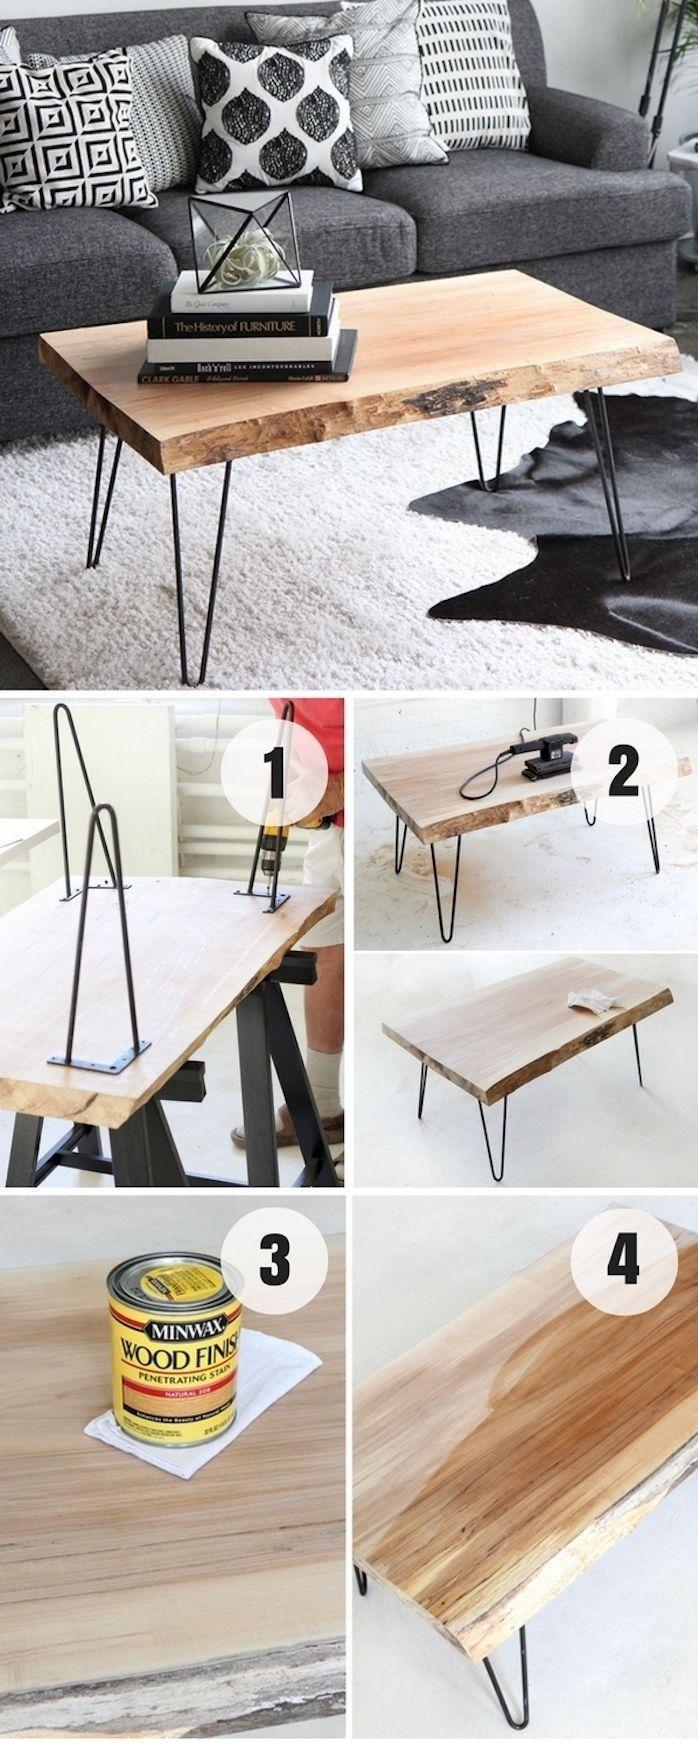 Idee Comment Fabriquer Table Basse Bois Brut Avec Des Pieds En Epingle A Cheveux Canape Table Basse Bois Brut Fabriquer Une Table Basse Faire Une Table Basse